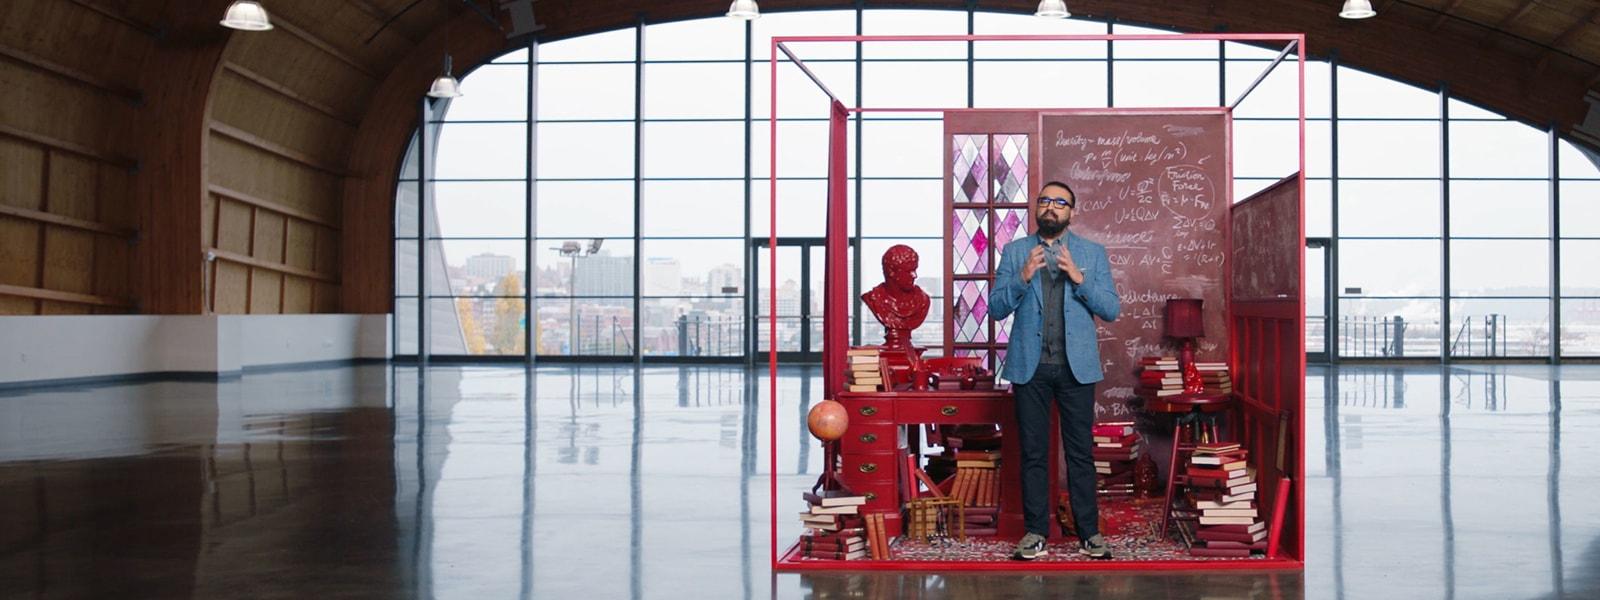 Gurdeep Pall, vicepresidente corporativo de IA empresarial de Microsoft, parado en un gran hangar con un cubículo rojo estilizado